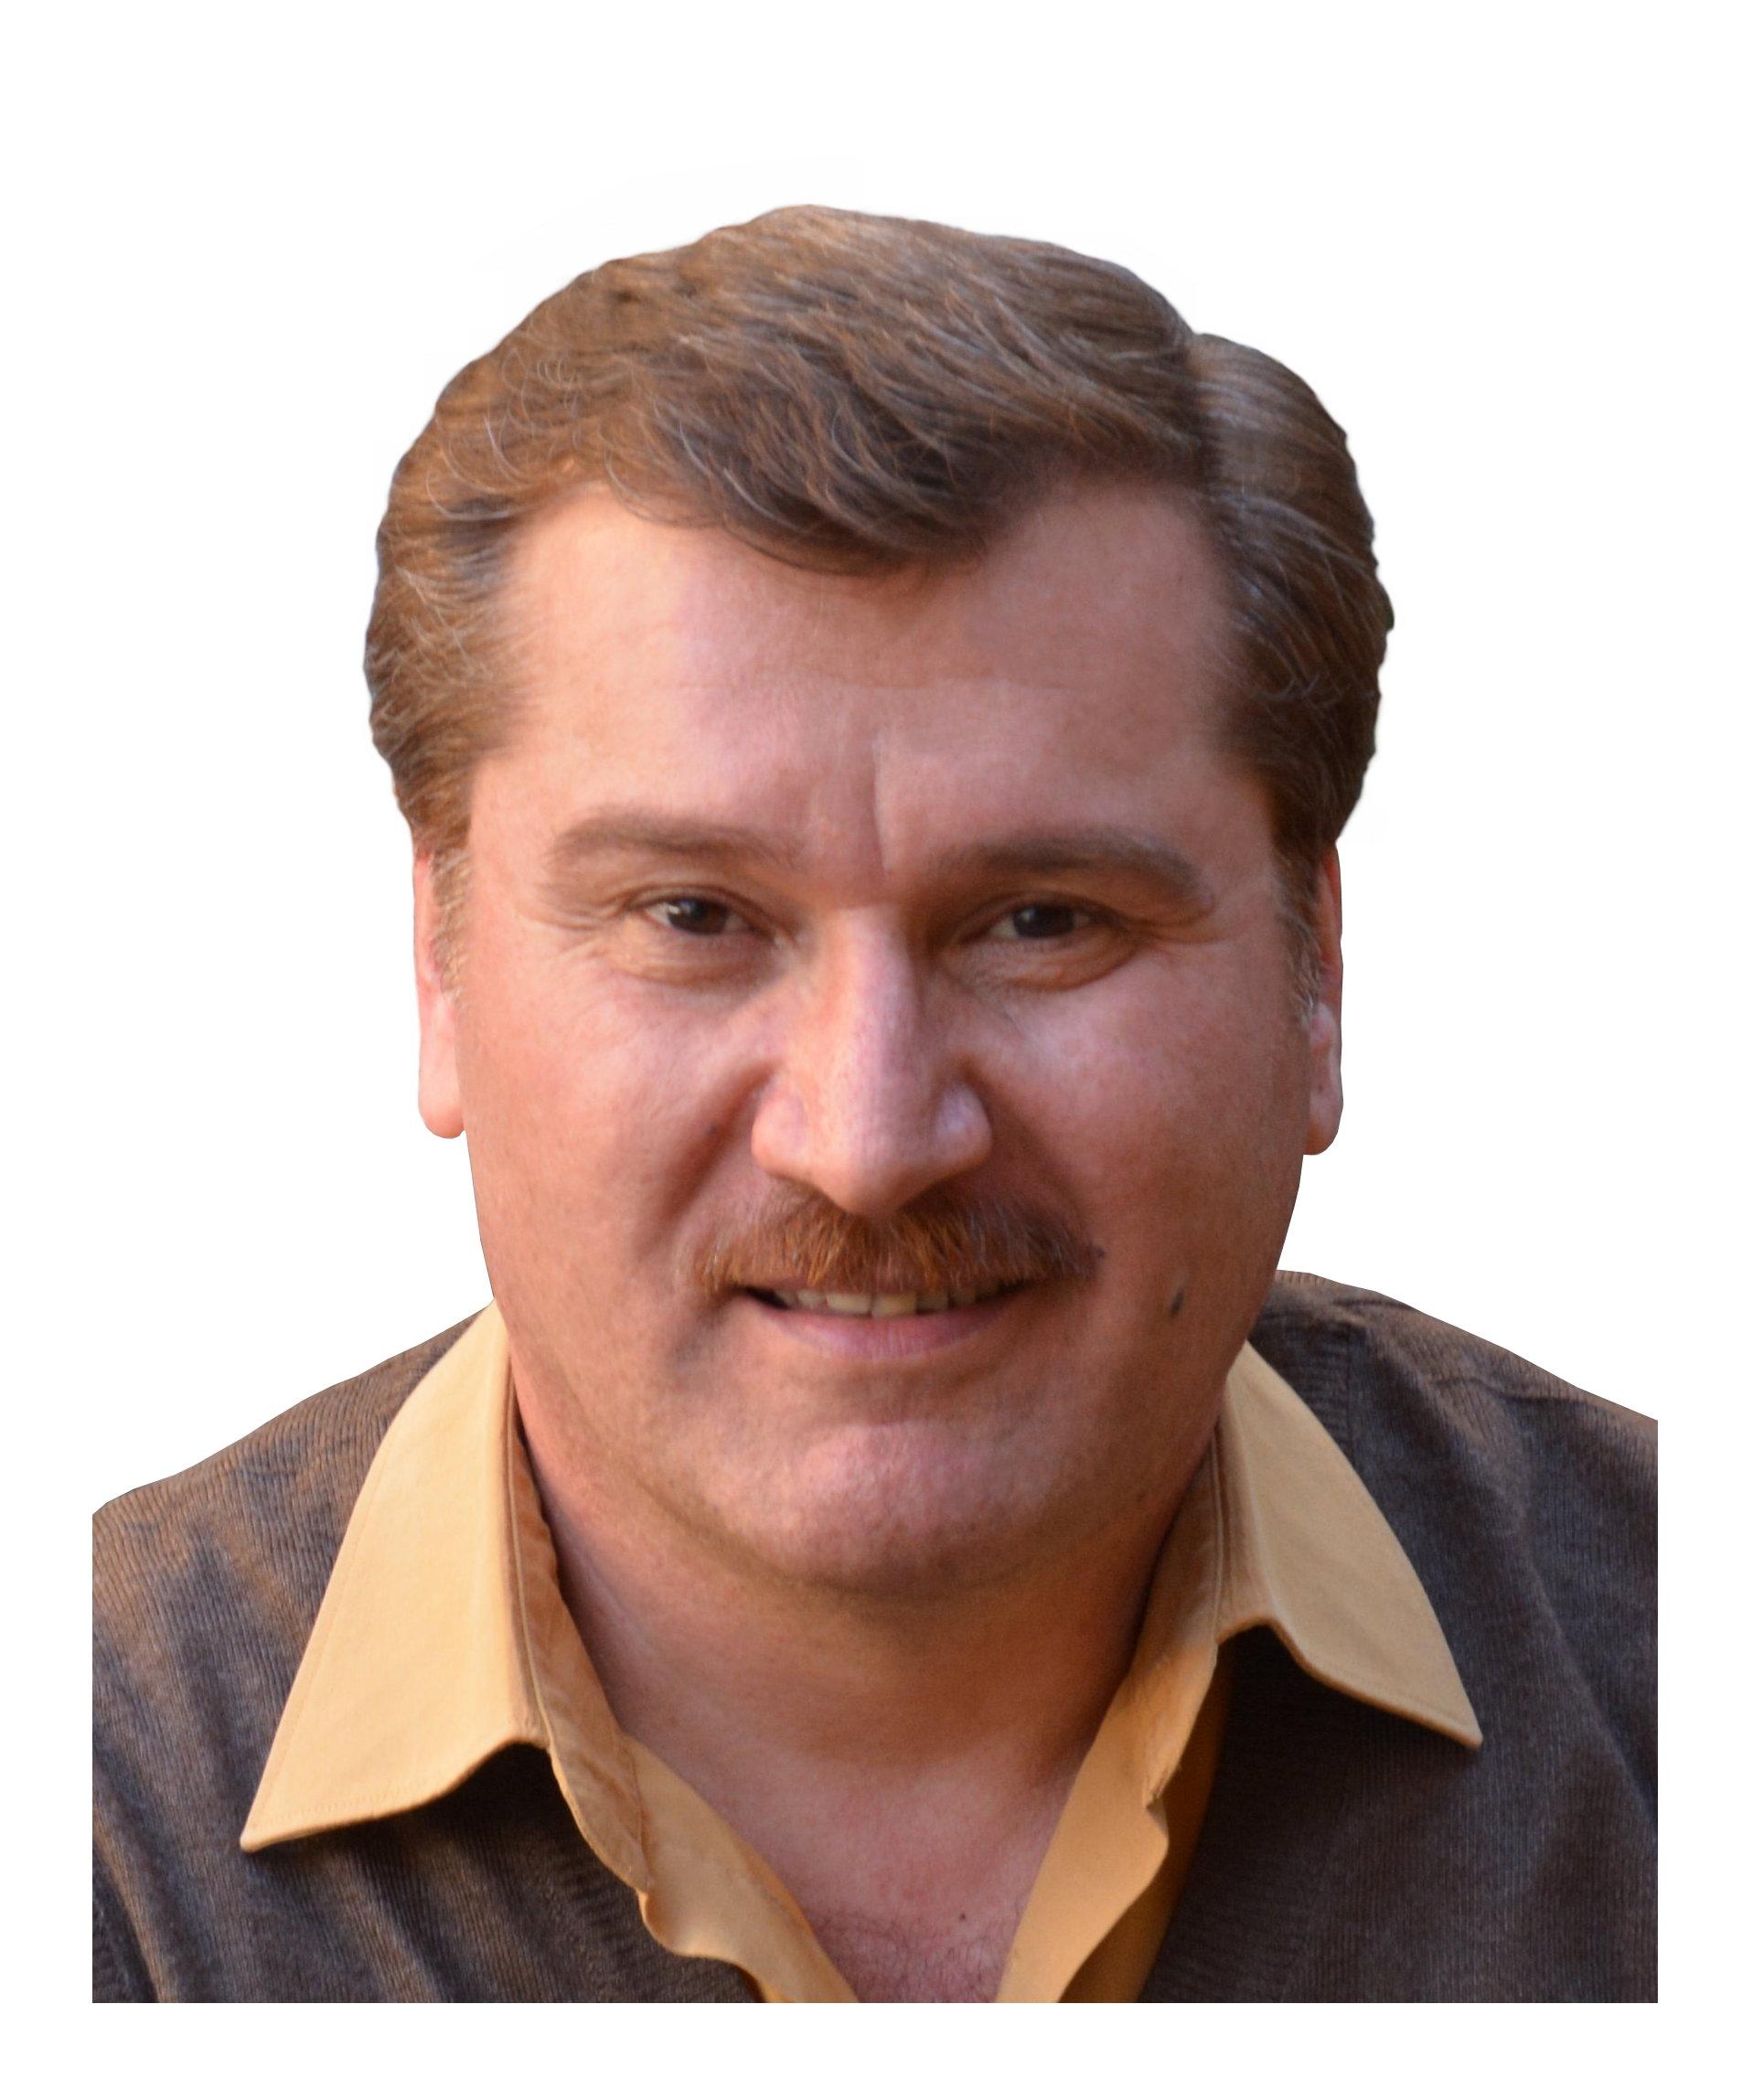 handren khoshnaw